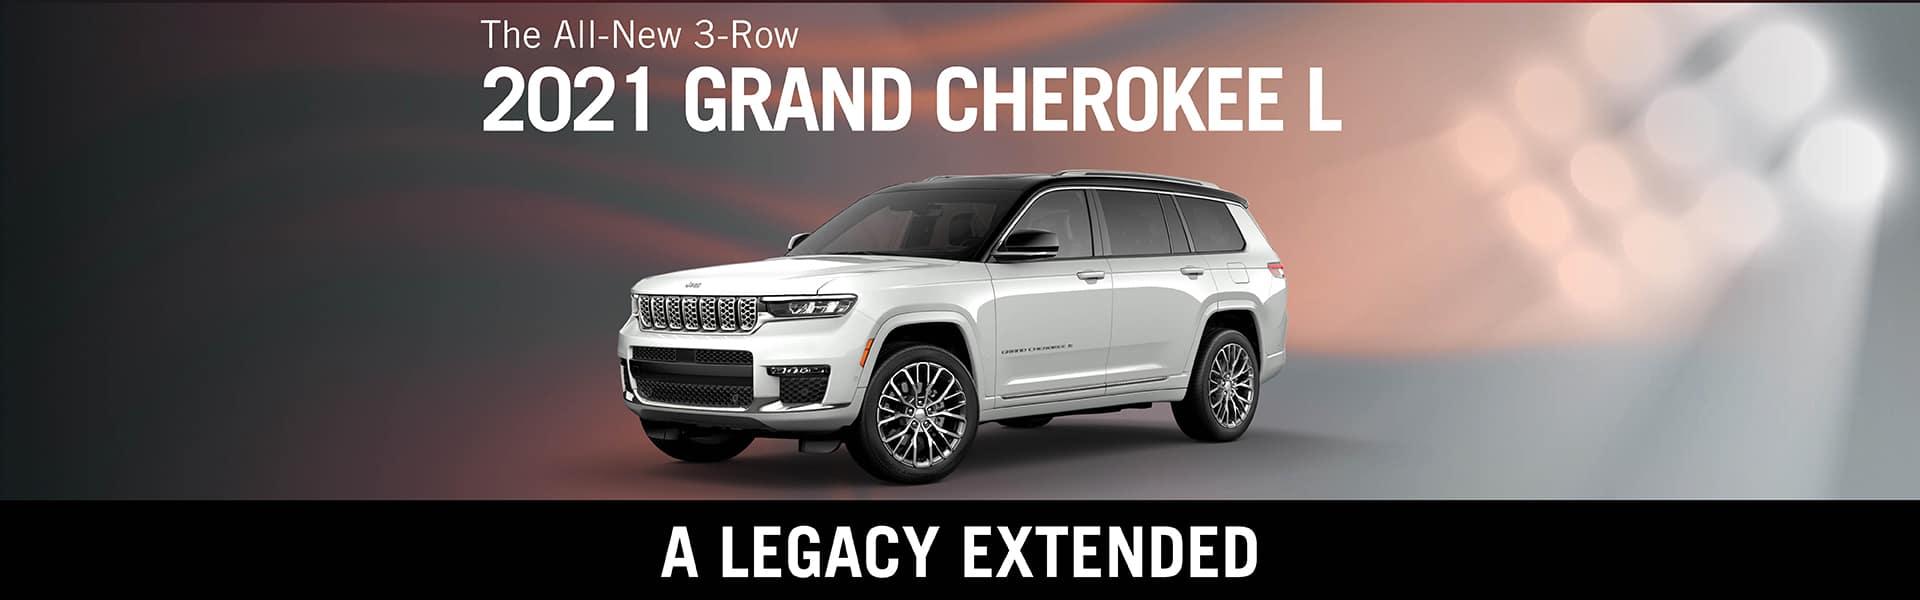 All New 2021 Grand Cherokee L   Redlands CDJR